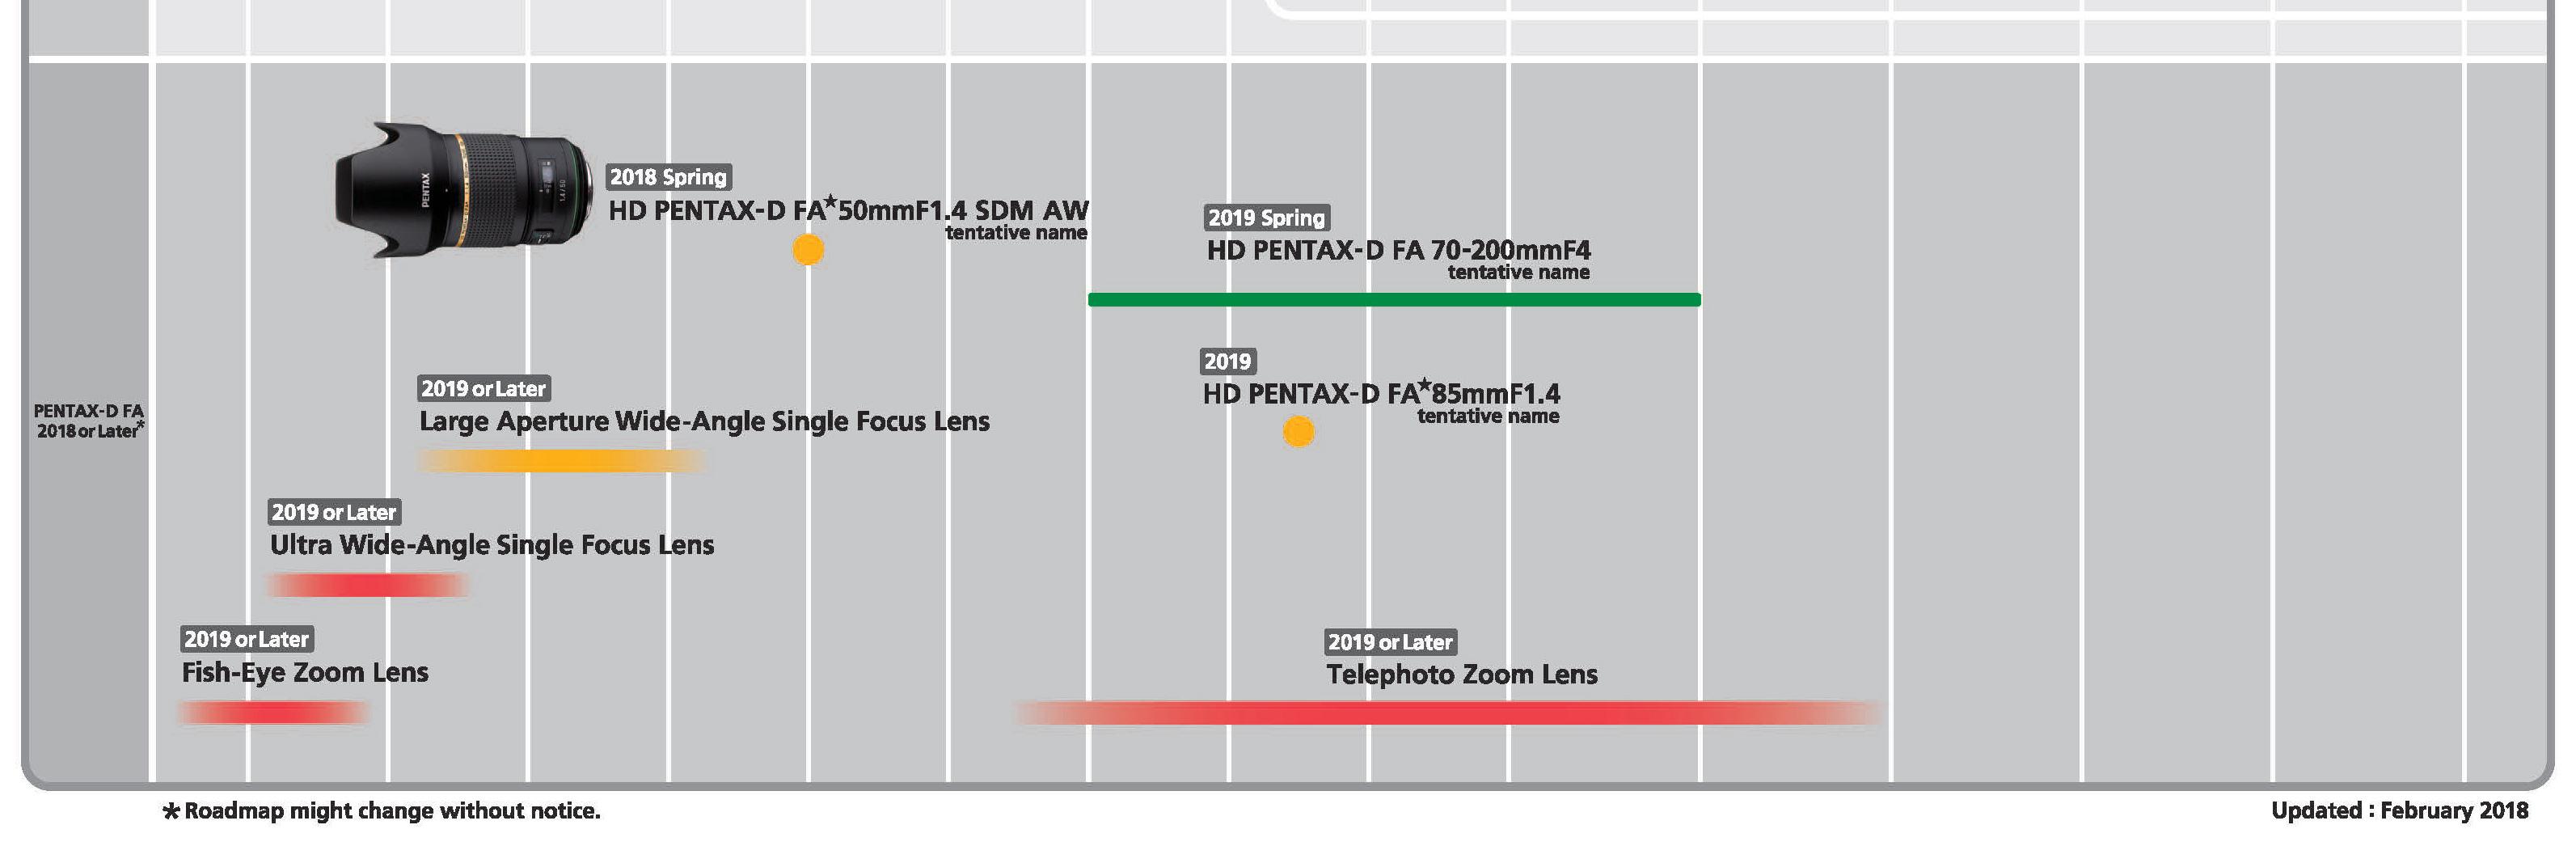 Uuendatud Ricohi arendusplaan lubab Pentax FA 70-200mm f/4 teleobjektiivi